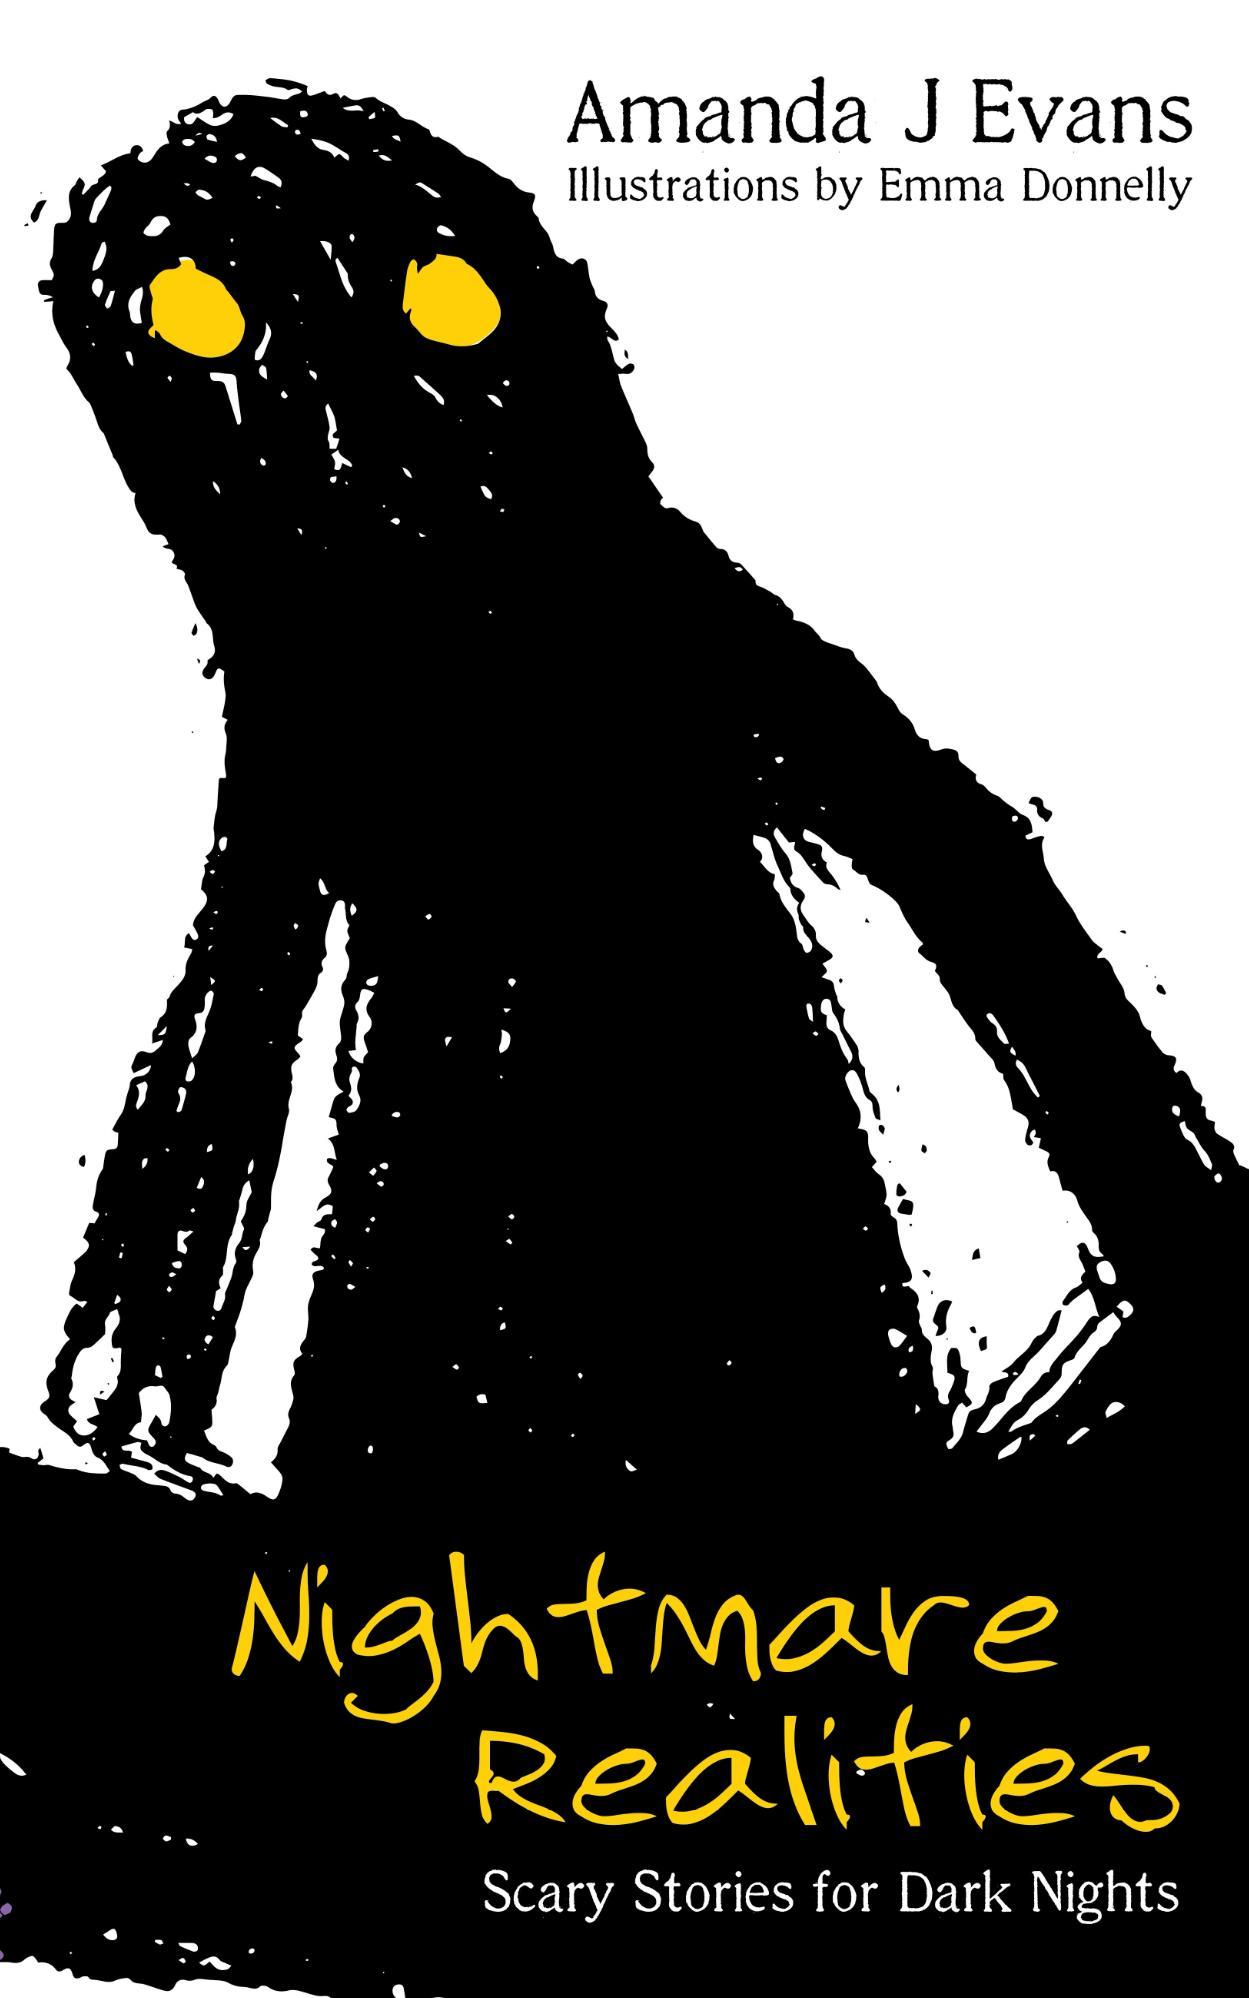 Nightmare Realities